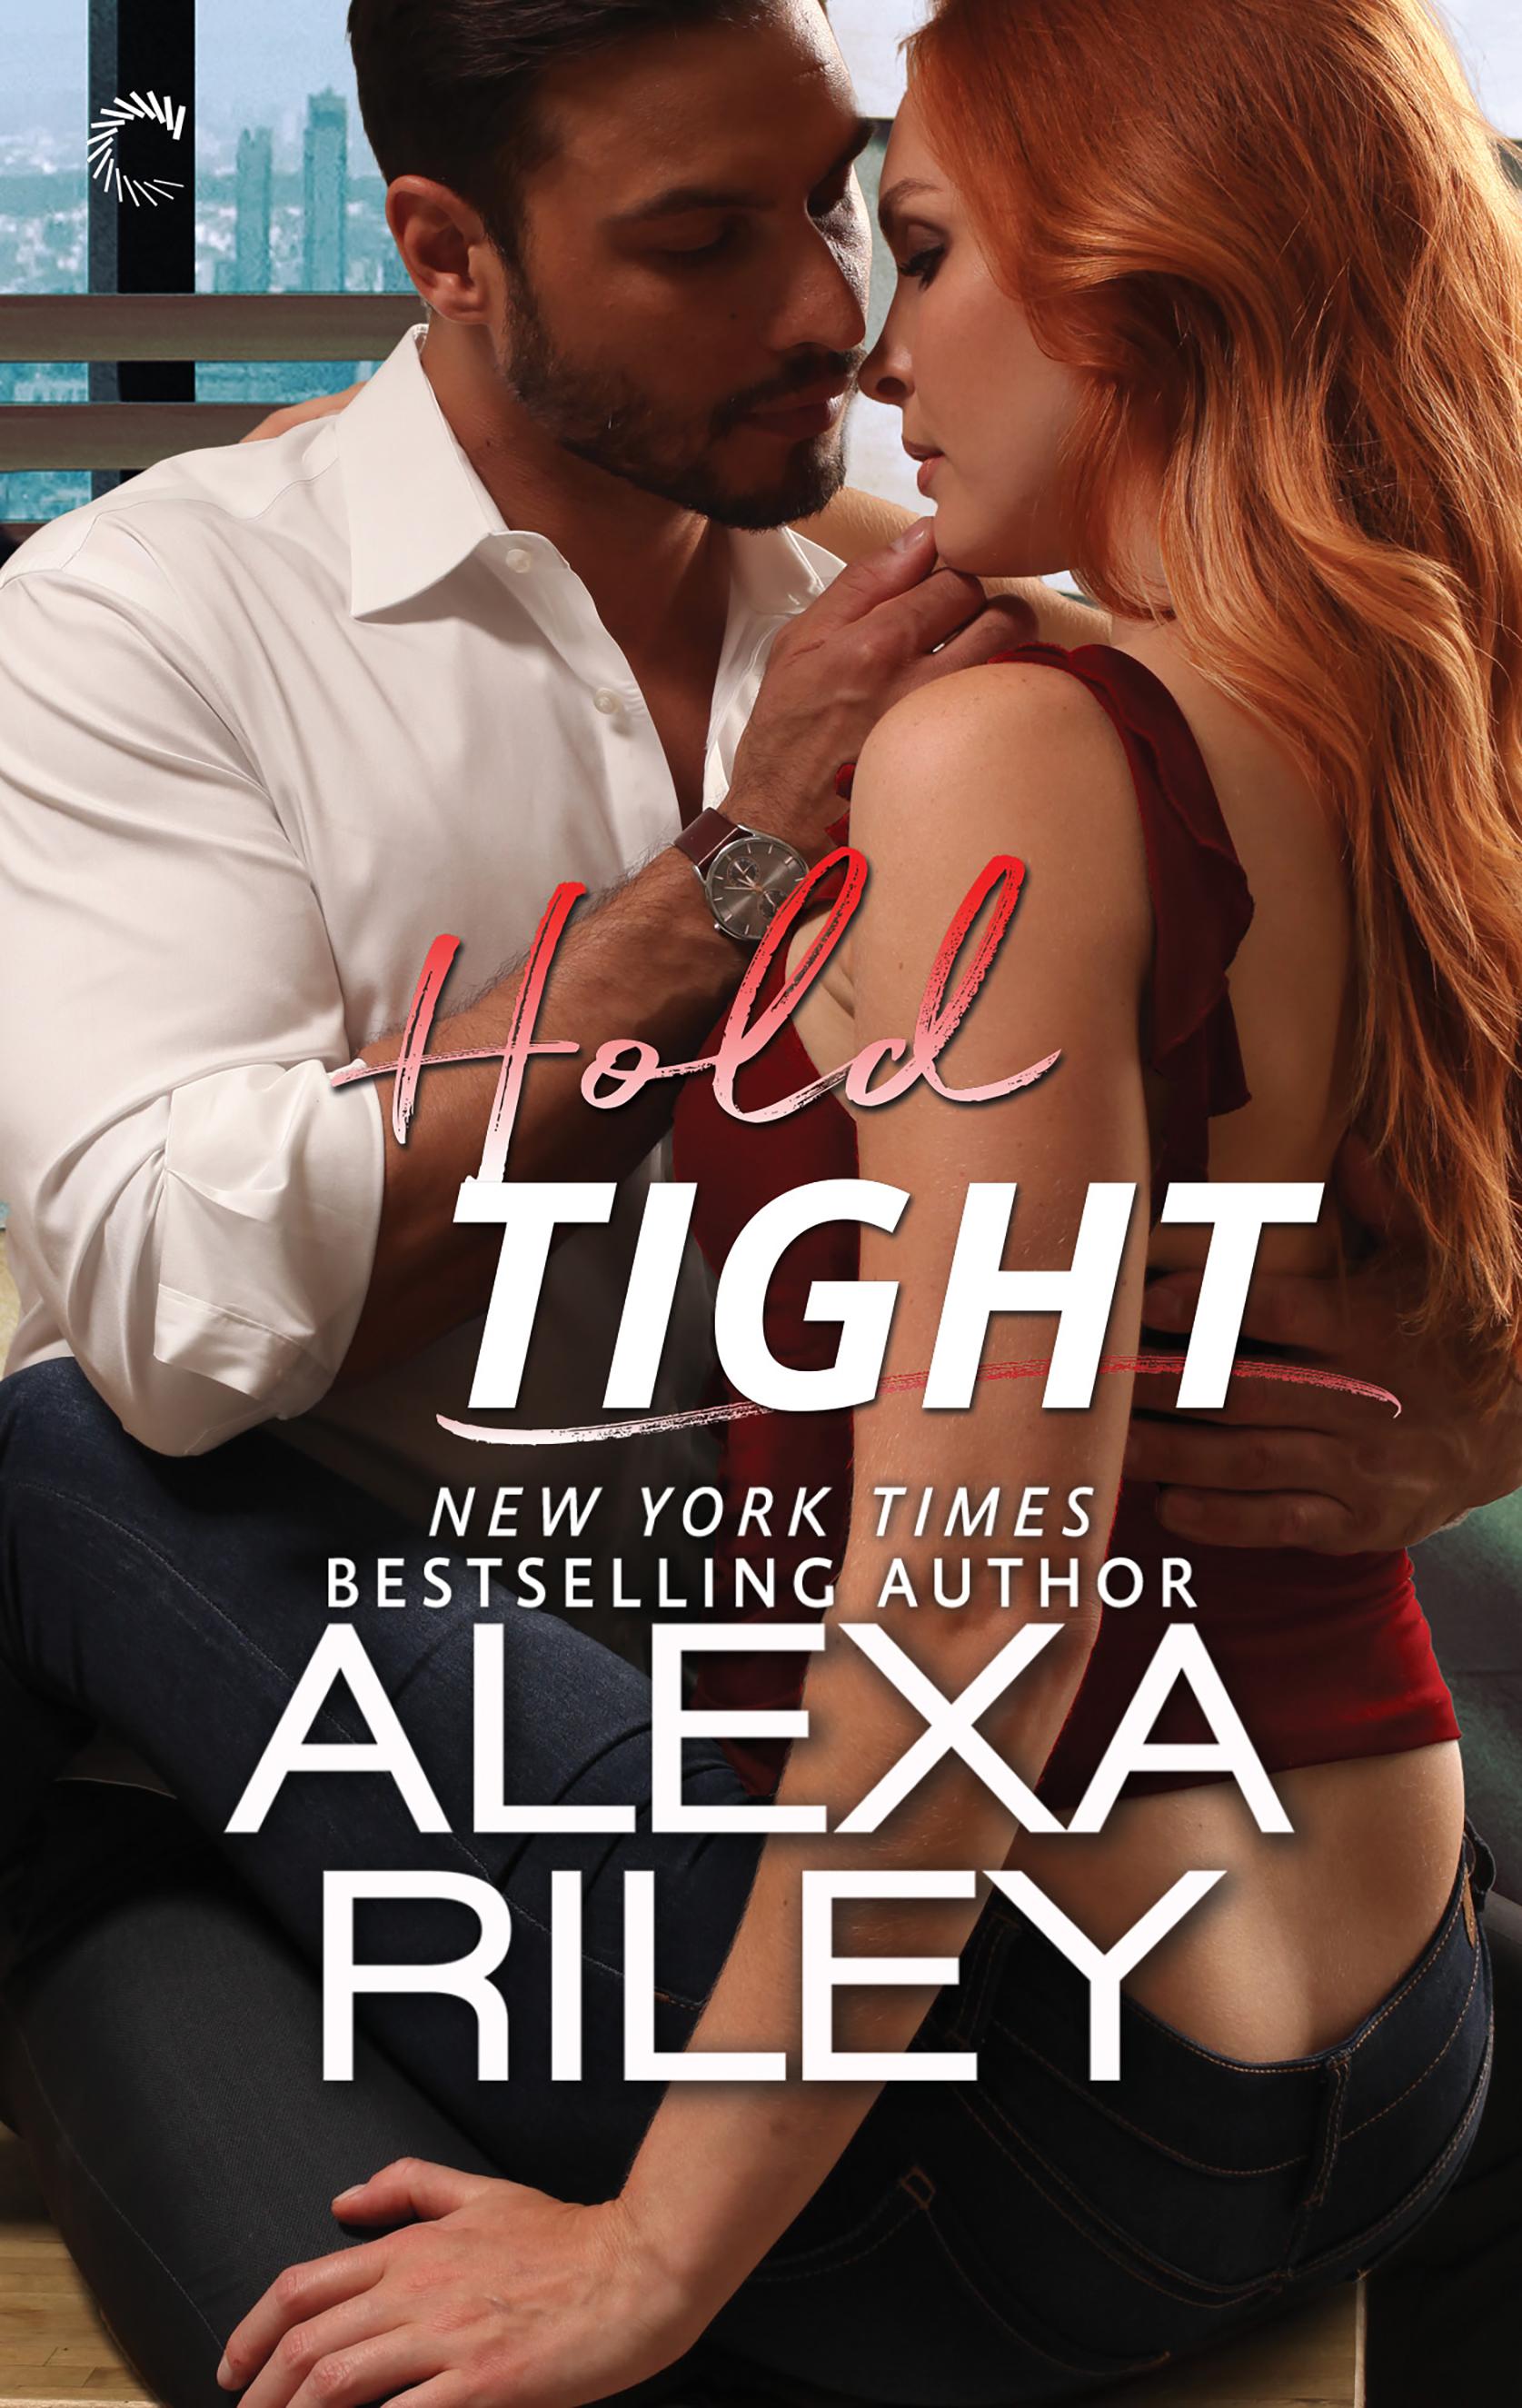 Hold Tight by Alexa Riley